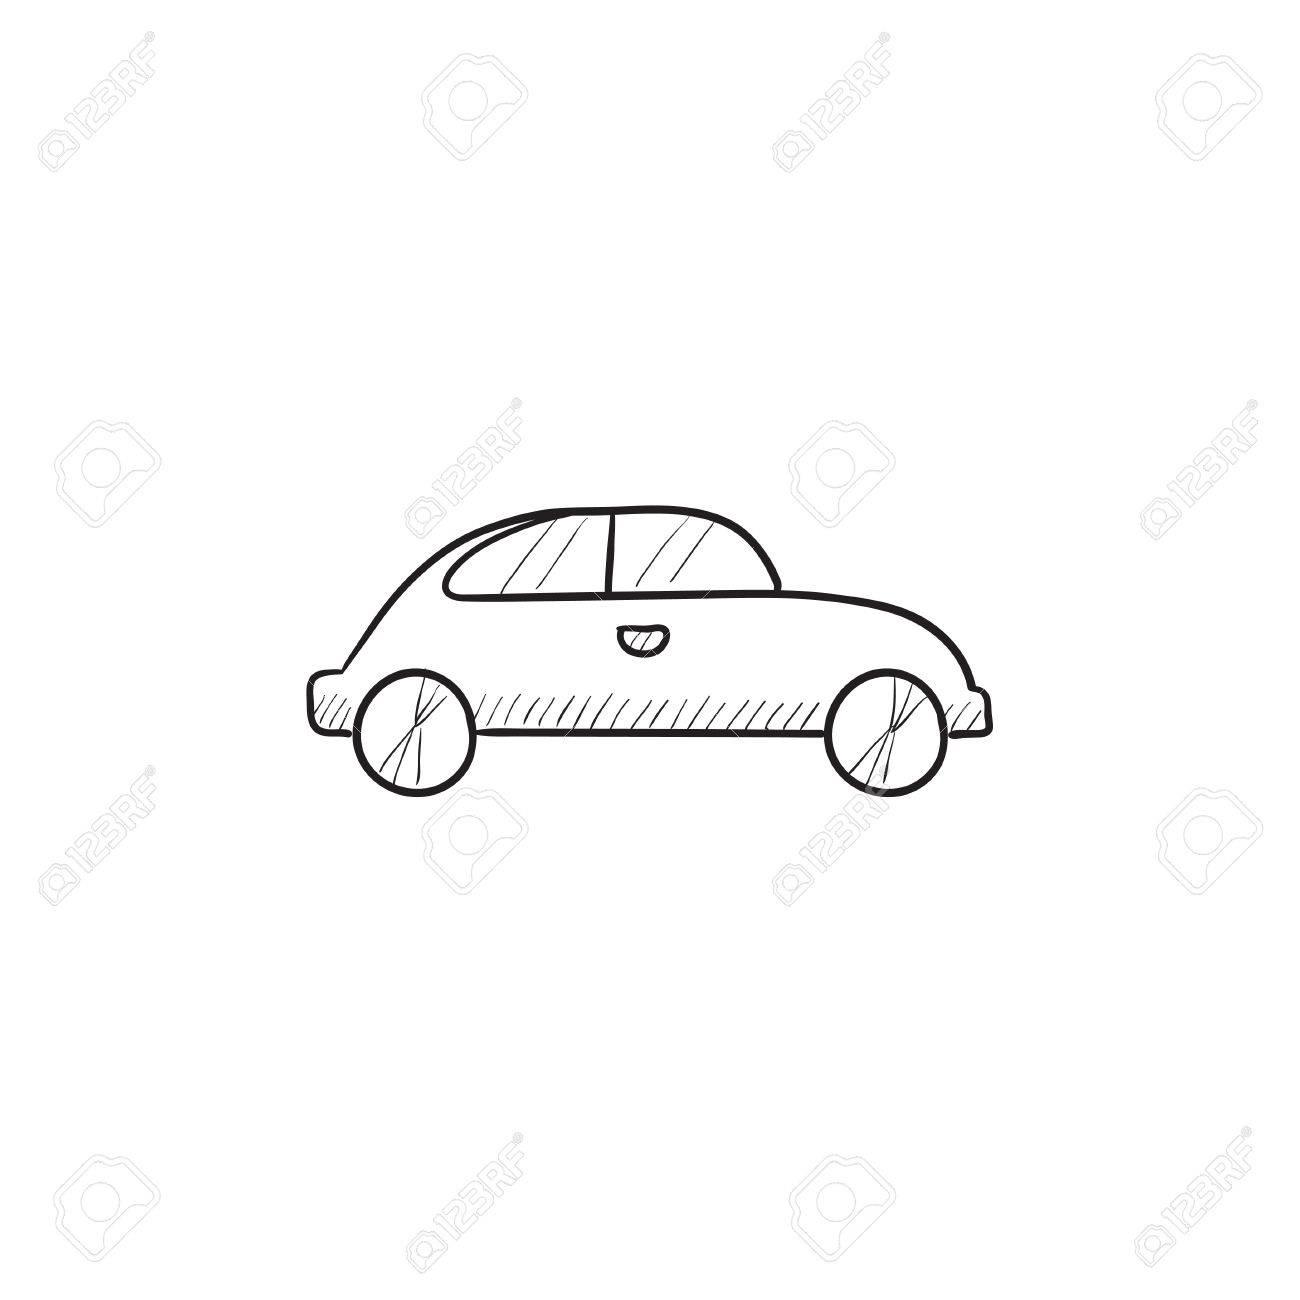 Groß Auto Skizziert Vorlagen Ideen - Entry Level Resume Vorlagen ...